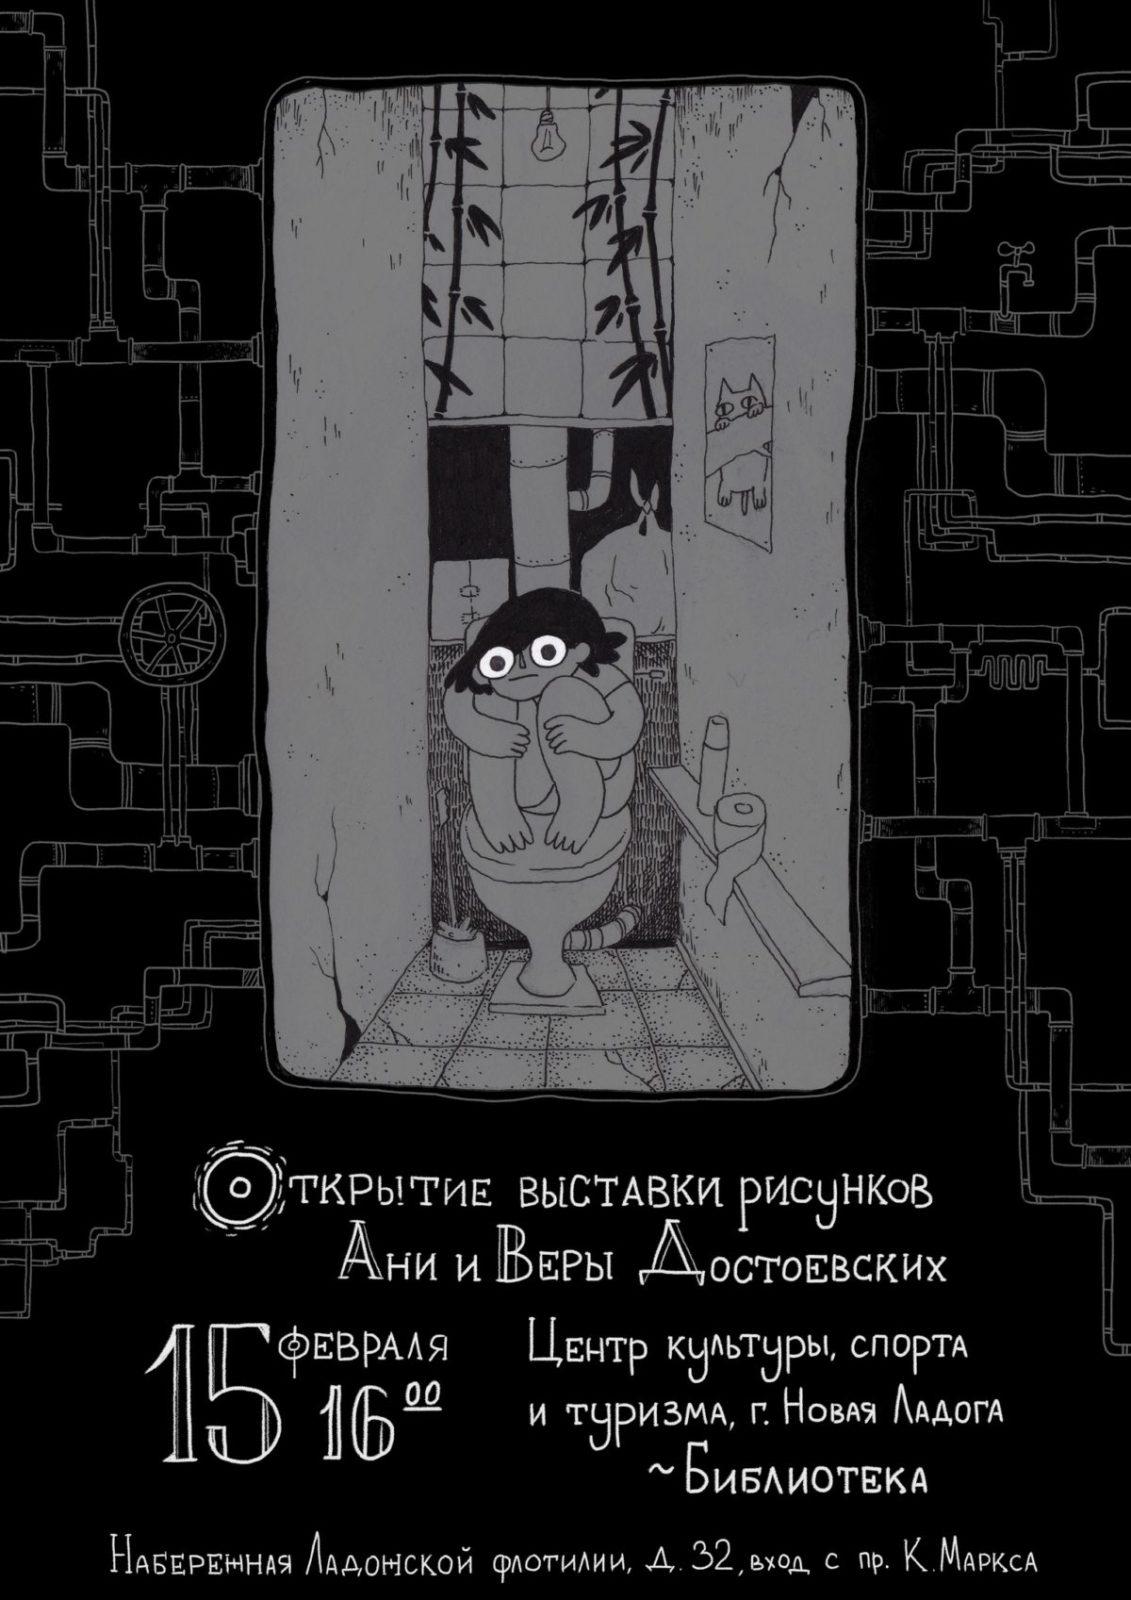 Выставка рисунков Анны и Веры Достоевских